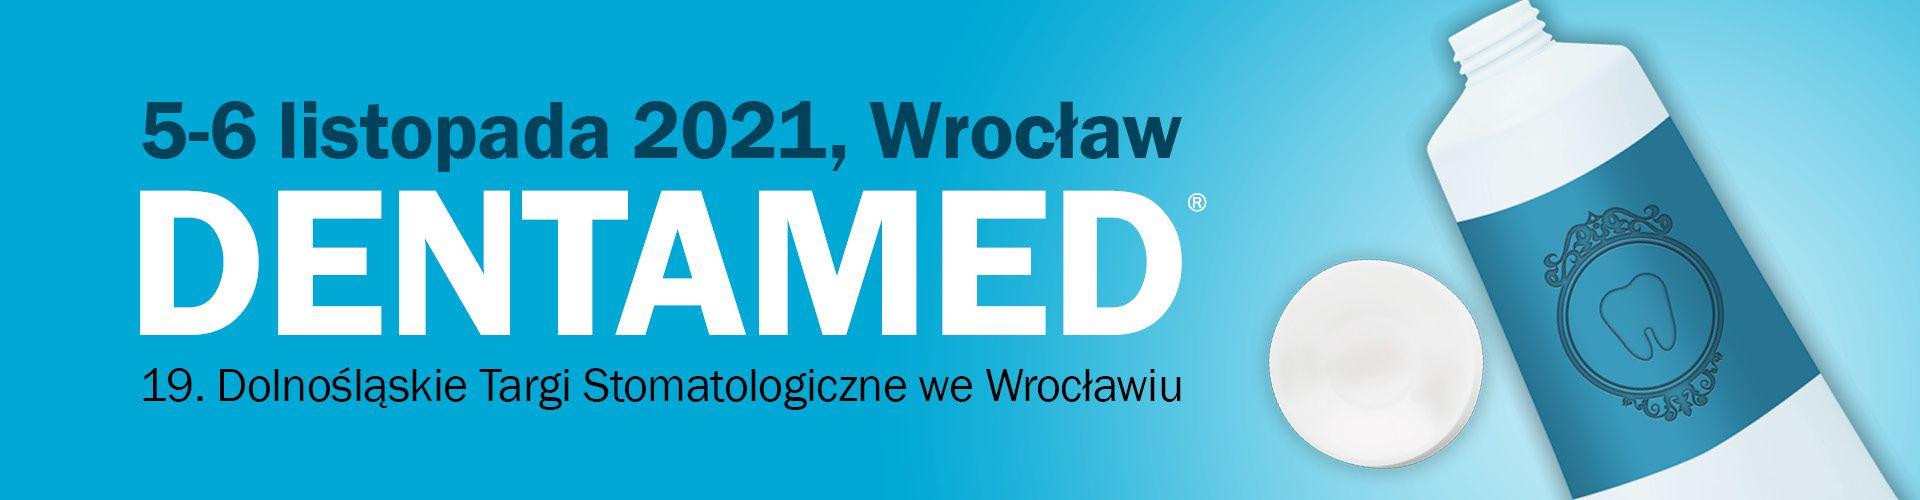 Dolnośląskie Targi Stomatologiczne DENTAMED® – 5-6 listopada 2021 we Wrocławiu.